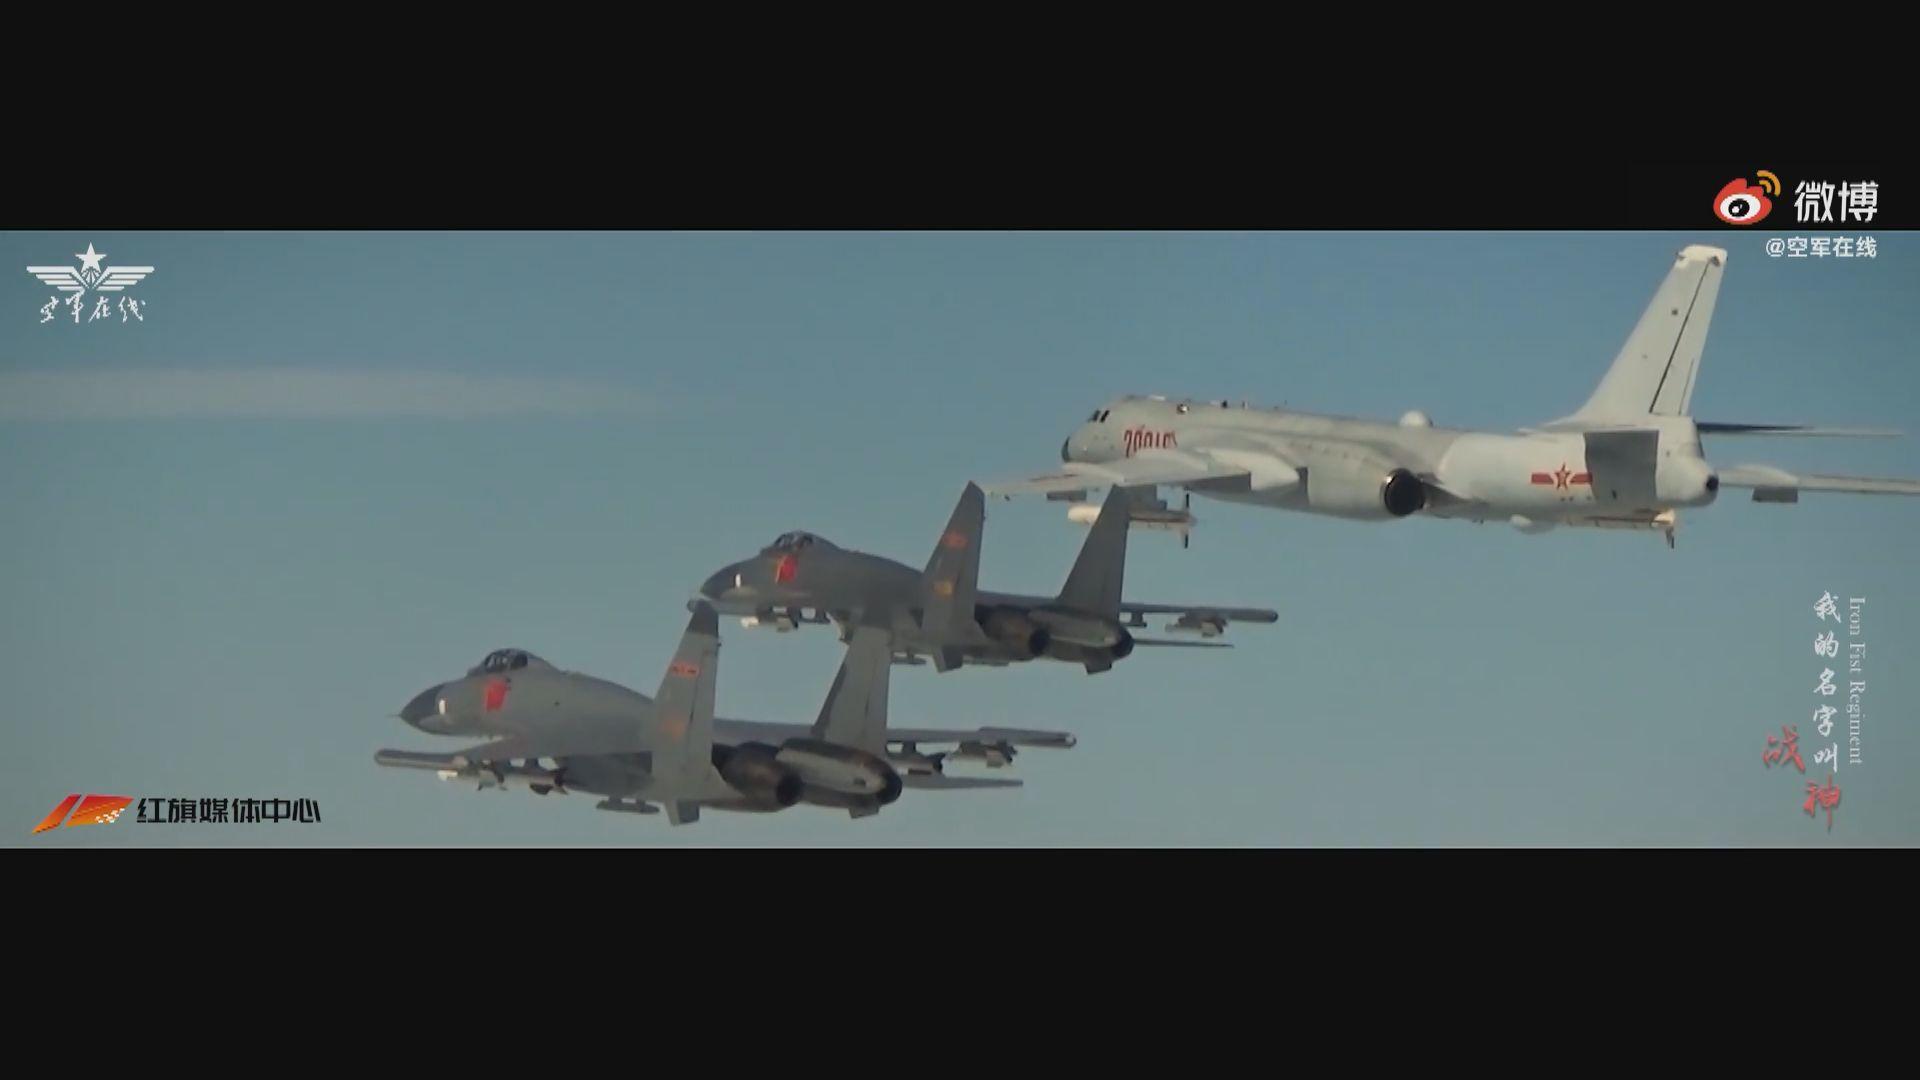 解放軍片段疑模擬轟-6K轟炸軍事基地